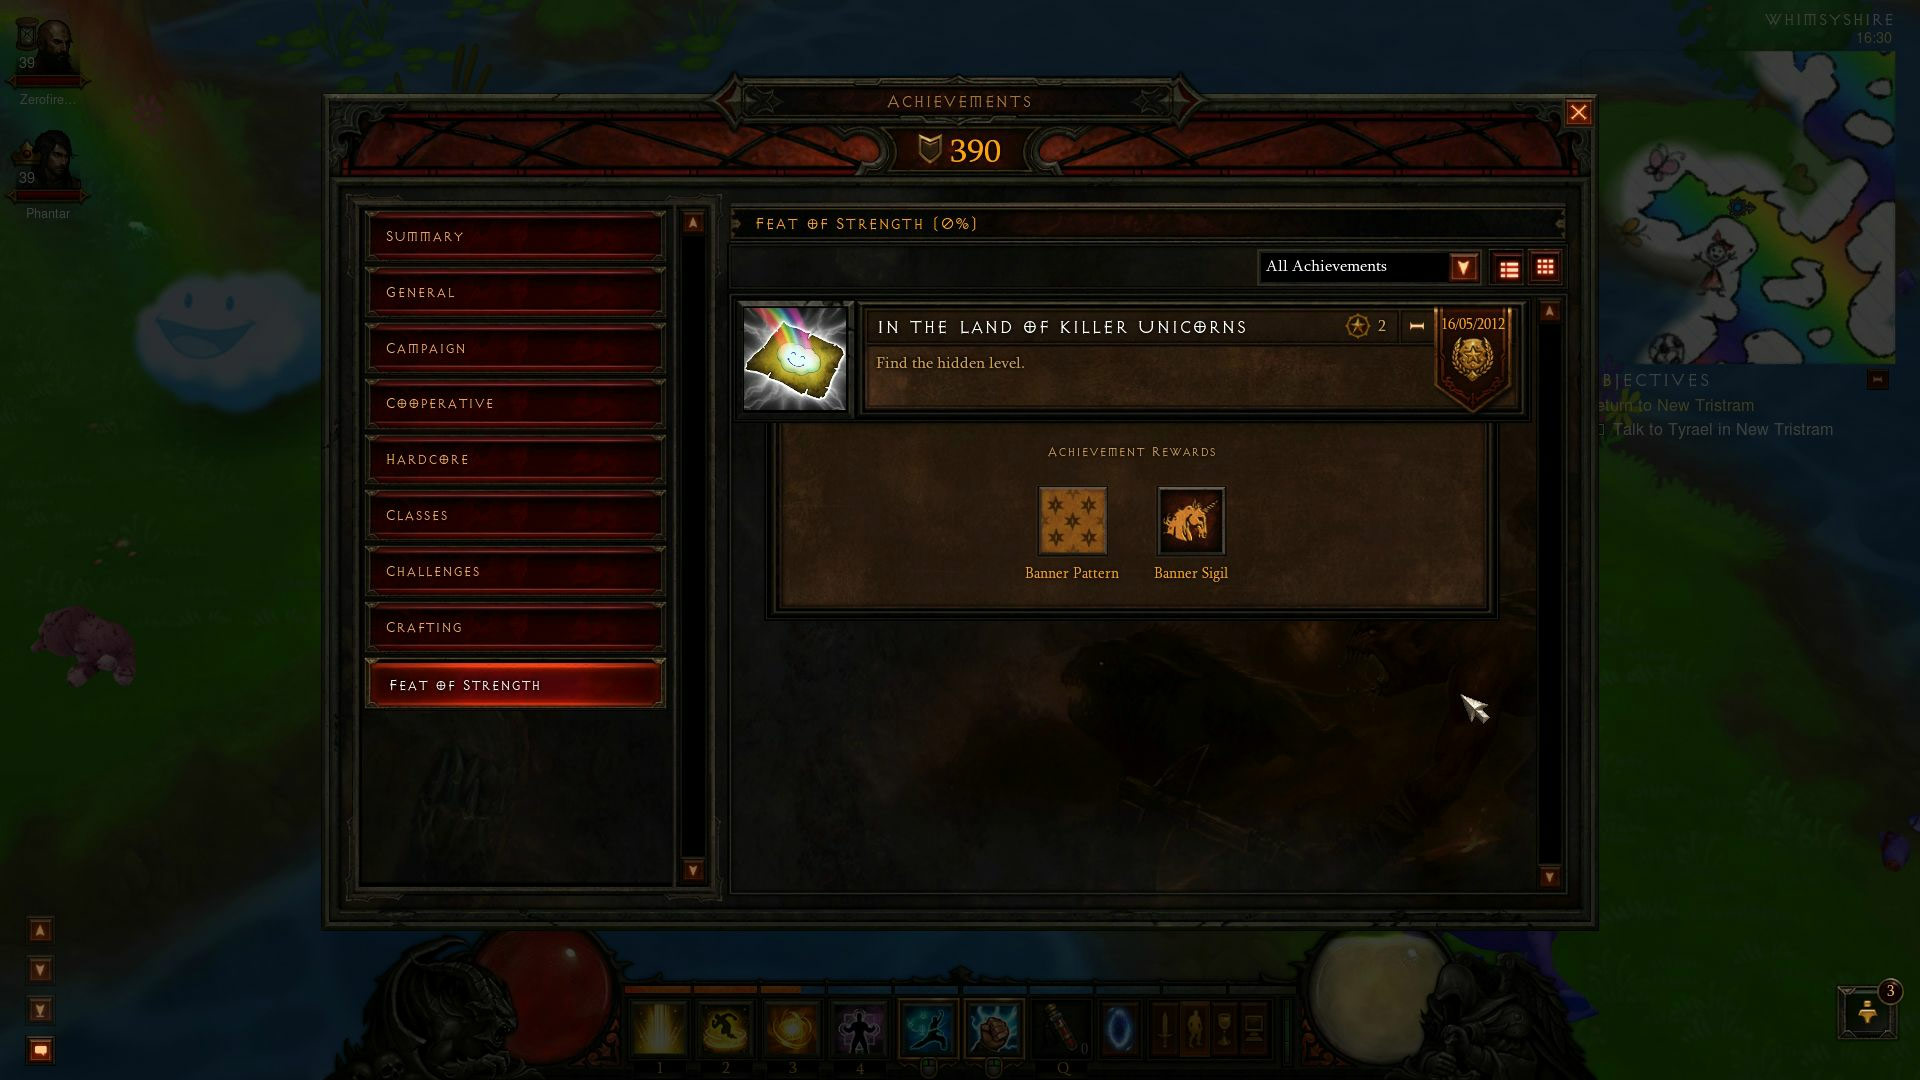 Le Tour de Force pour l'accès au niveau secret de Diablo III. Image de Zerofire.